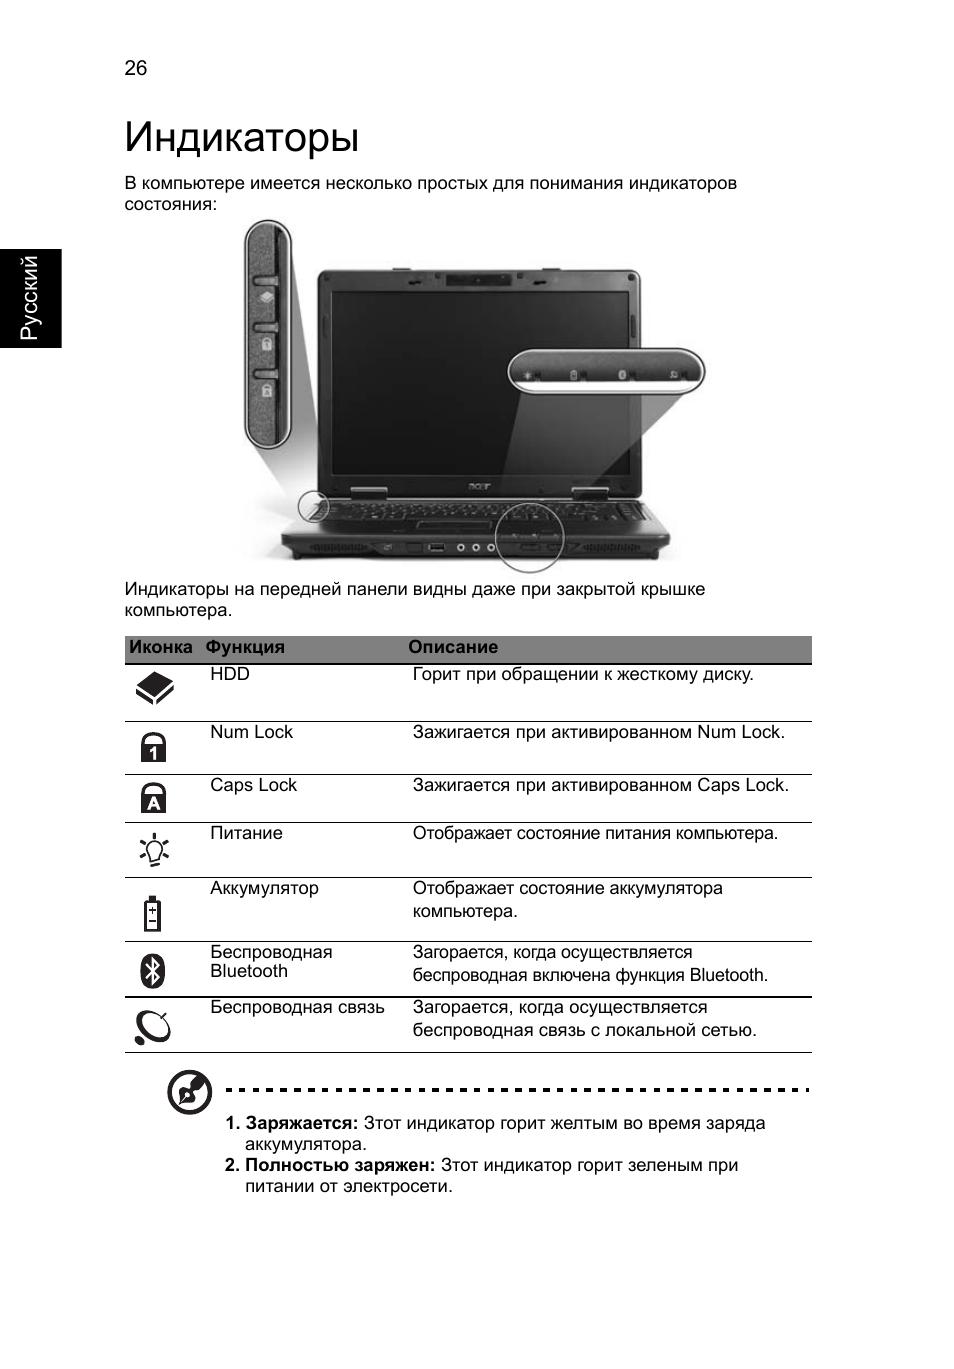 инструкция ноутбук samsung r530